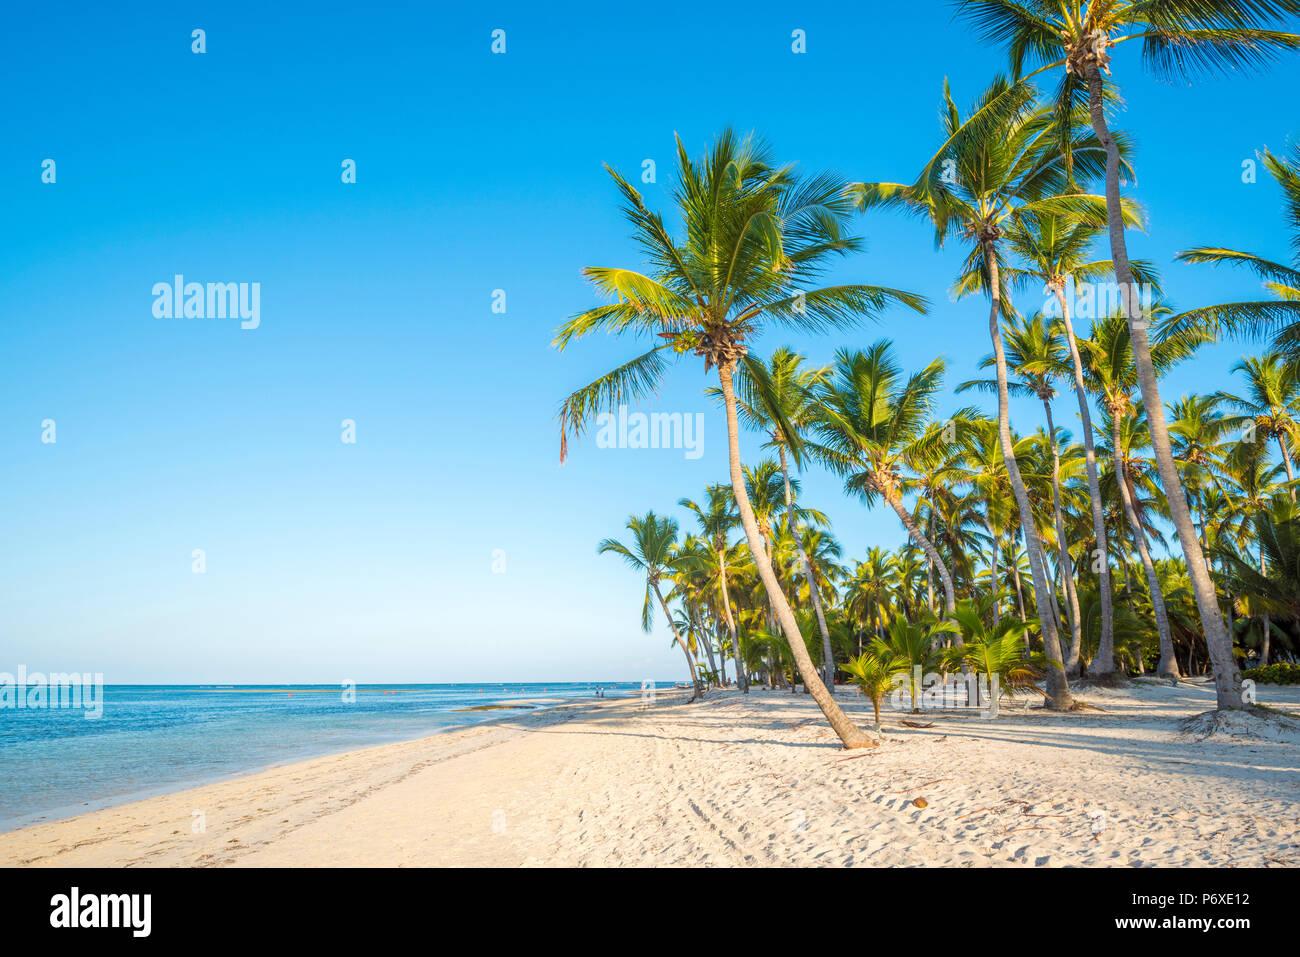 La plage de Cabeza de Toro, Punta Cana, République dominicaine. Photo Stock